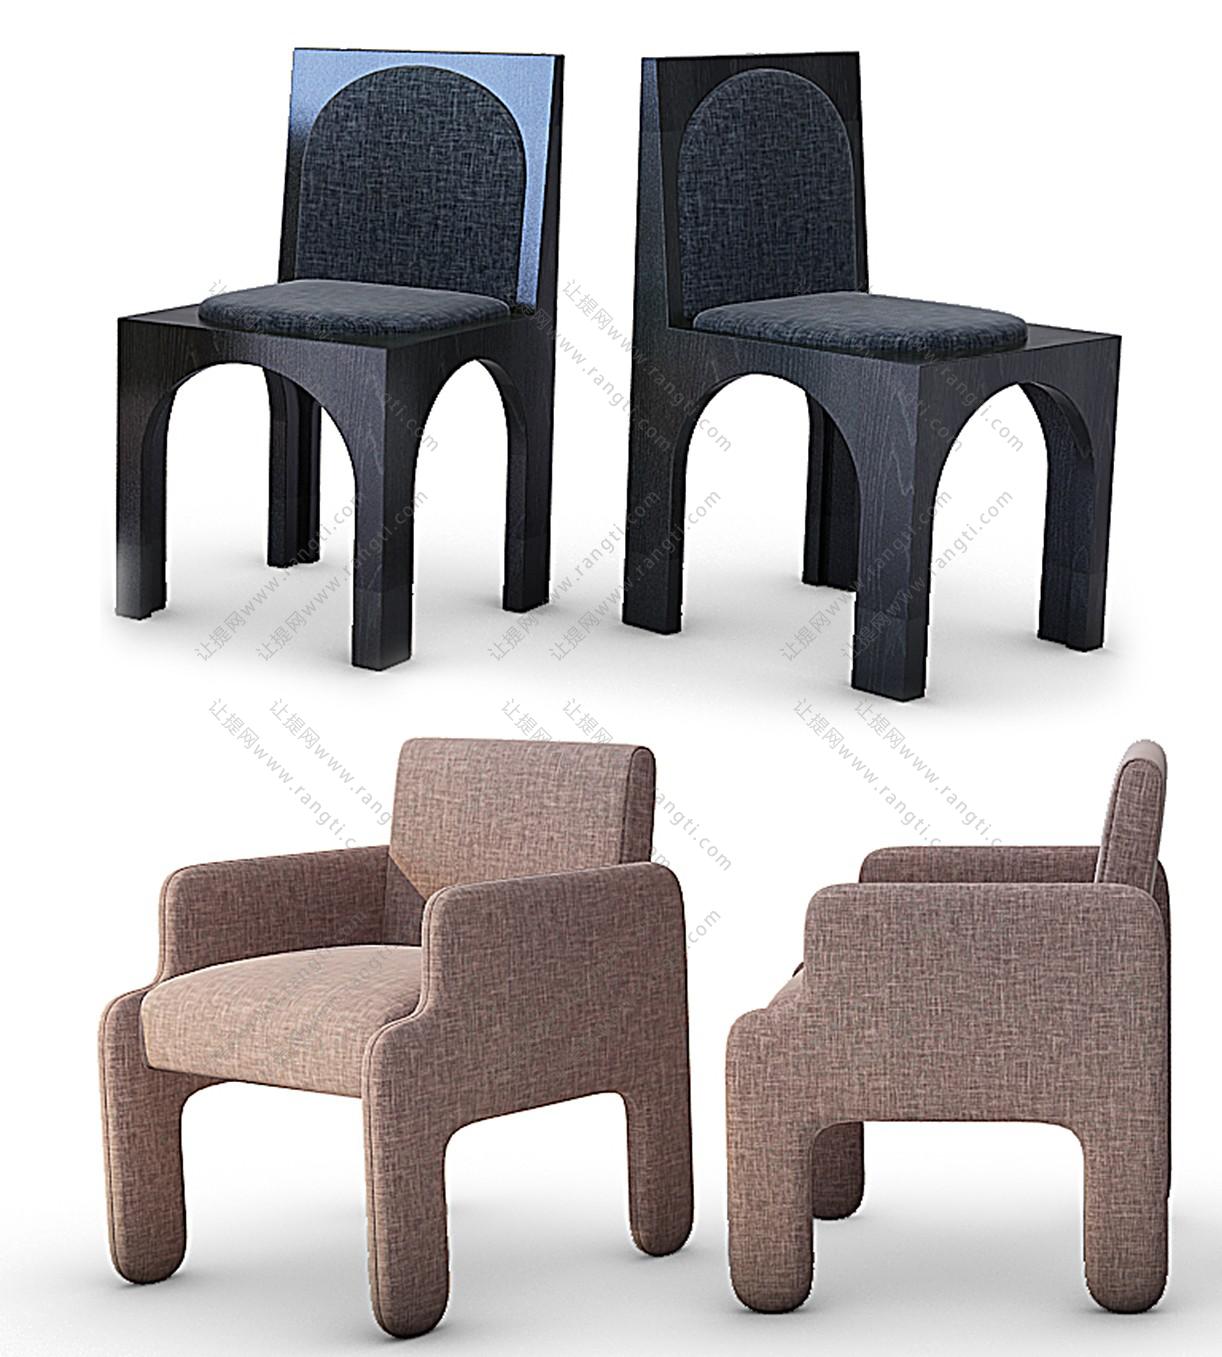 现代儿童休闲椅、儿童沙发组合3D模型